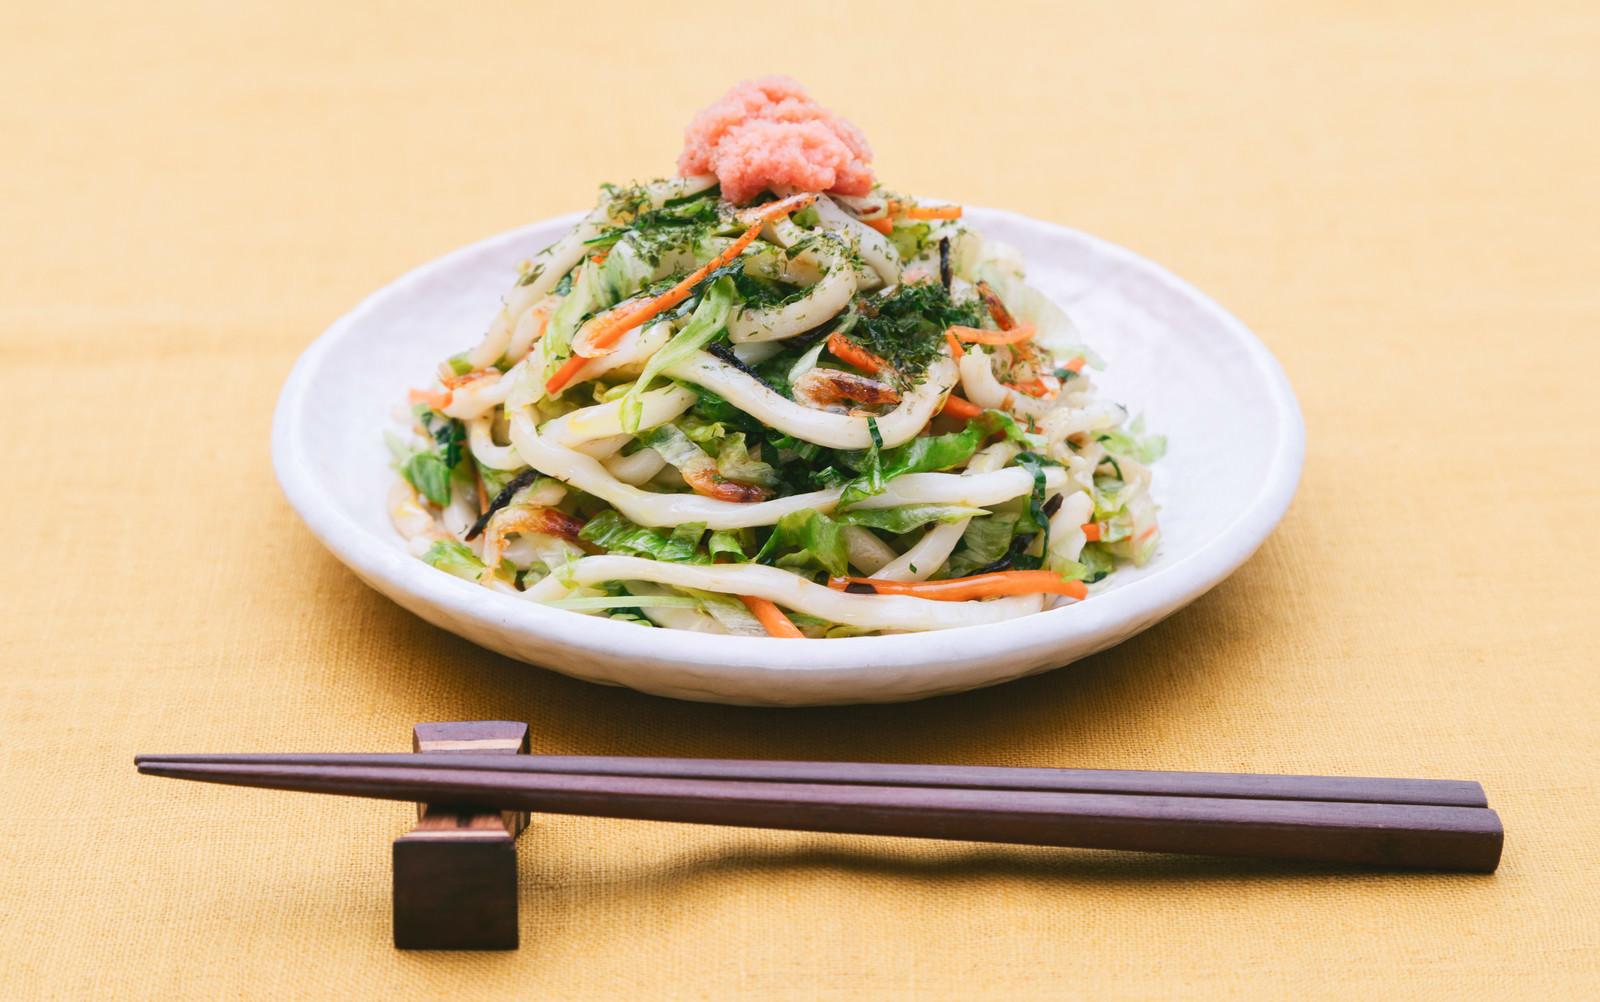 「野菜でかさ増し食べて満足!「大盛りダイエット焼きうどん 」野菜でかさ増し食べて満足!「大盛りダイエット焼きうどん 」」のフリー写真素材を拡大